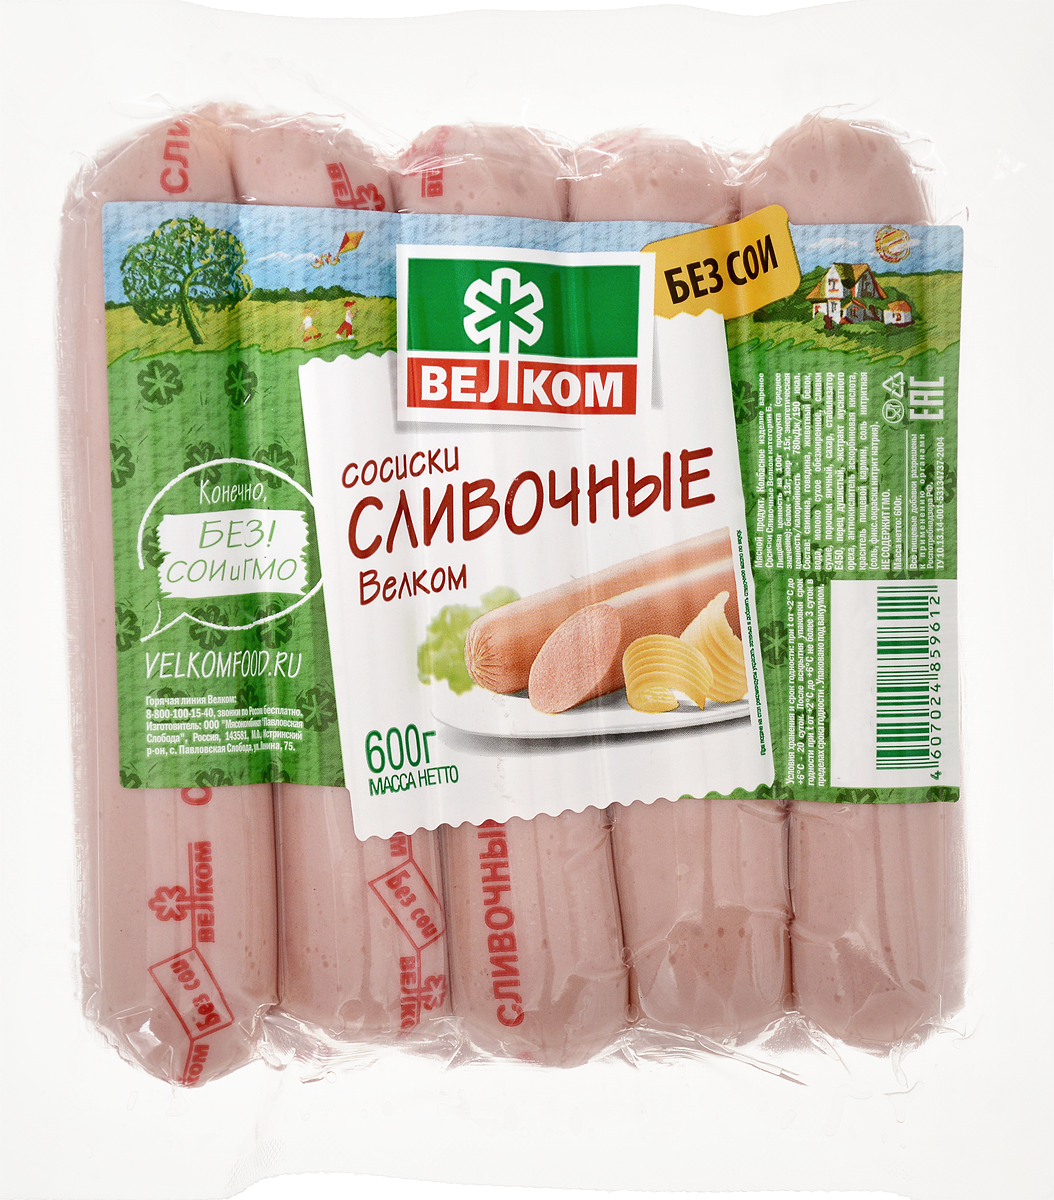 Велком Сливочные сосиски, 600 г70449Велком Сливочные сосиски имеют незабываемый нежный вкус настоящих сливок. Высокие стандарты контроля качества - это гарантия качества продукции Велком. Отвечает всем стандартам качества мясной продукции. Подходит для повседневного потребления. Пищевая ценность на 100 г: белки - 10 г, жиры - 29,5 г. Энергетическая ценность 304 ккал.